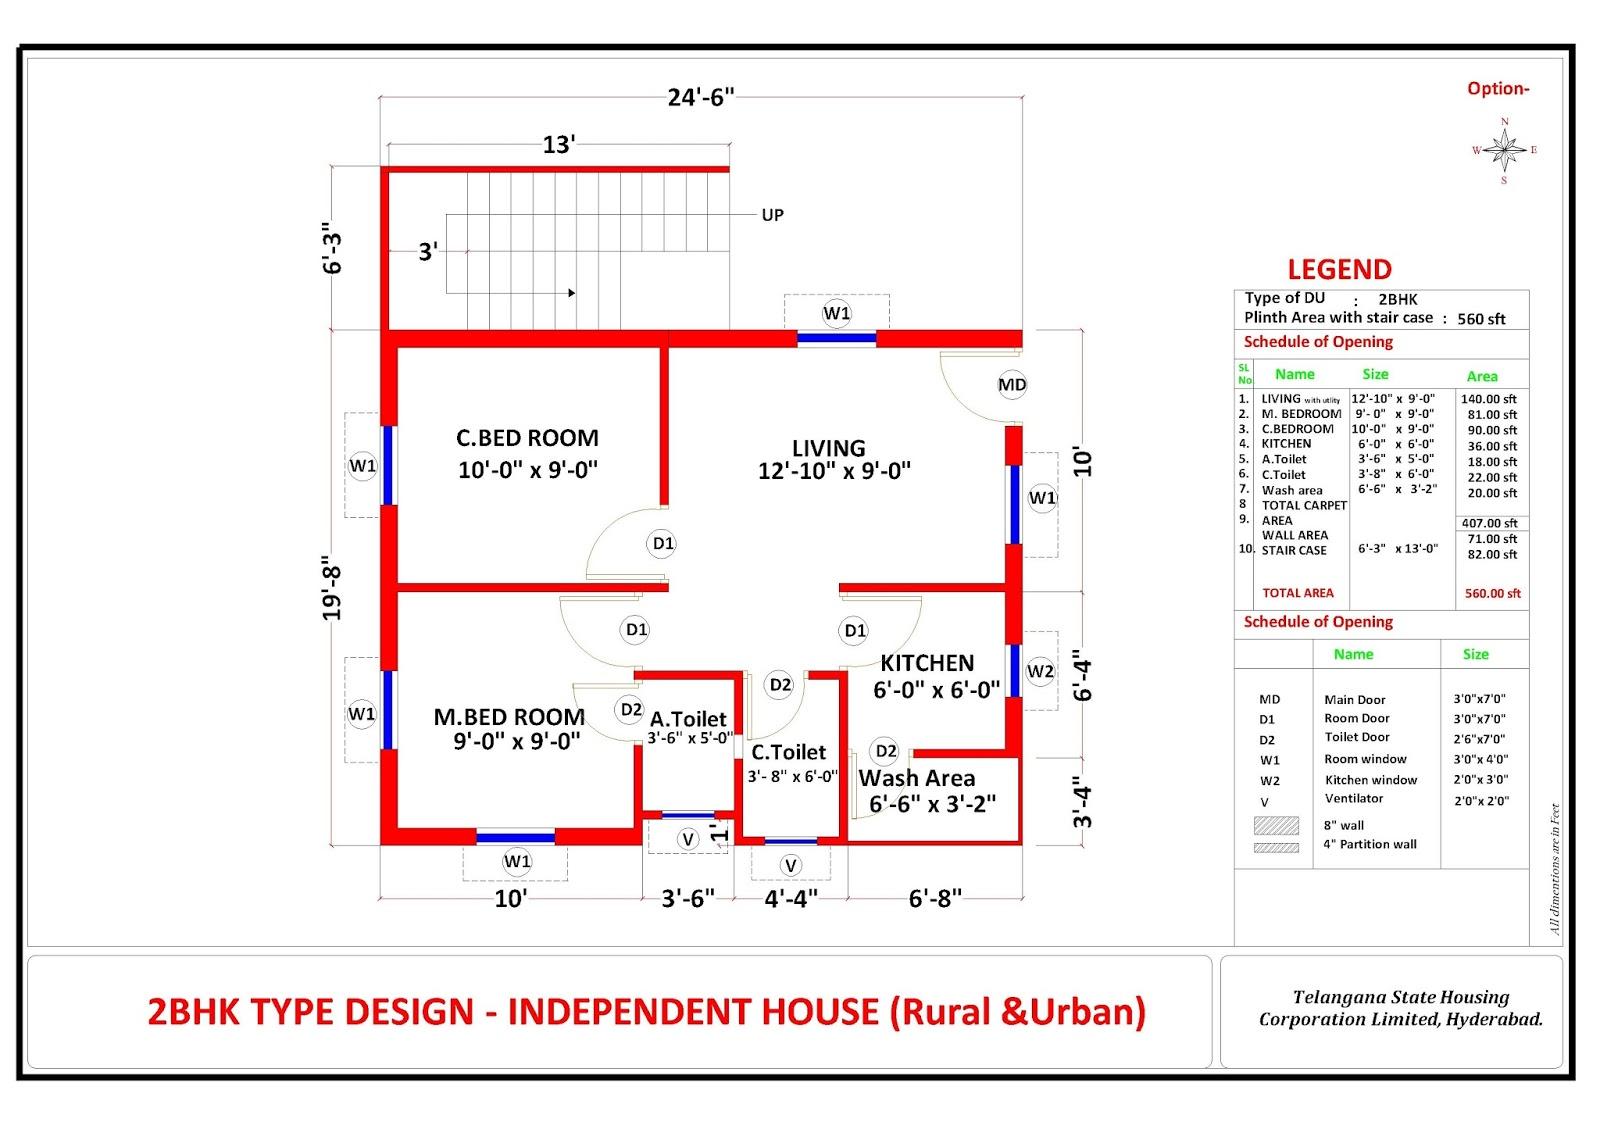 Telangana housing scheme 2bhk design 2bhk plan telangana for Plan of 2bhk house